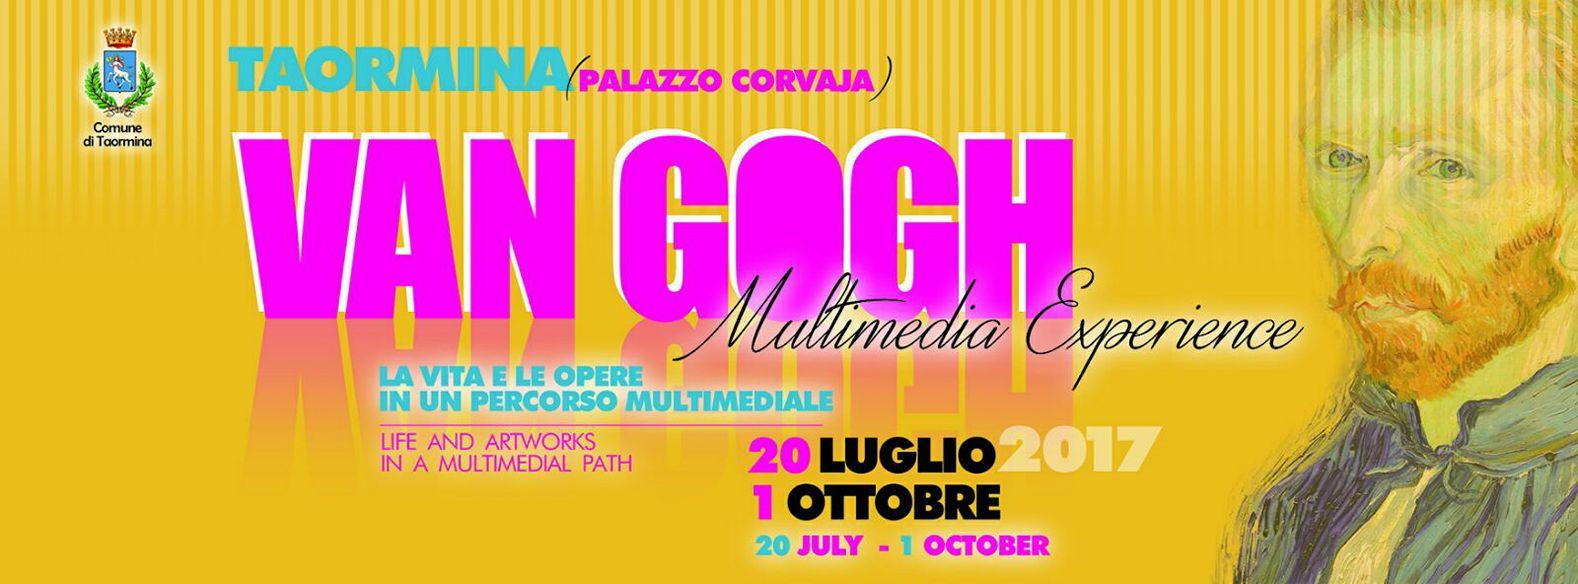 Mostra Van Gogh a Taormina 2017: date e prezzi biglietti - InvestireOggi.it